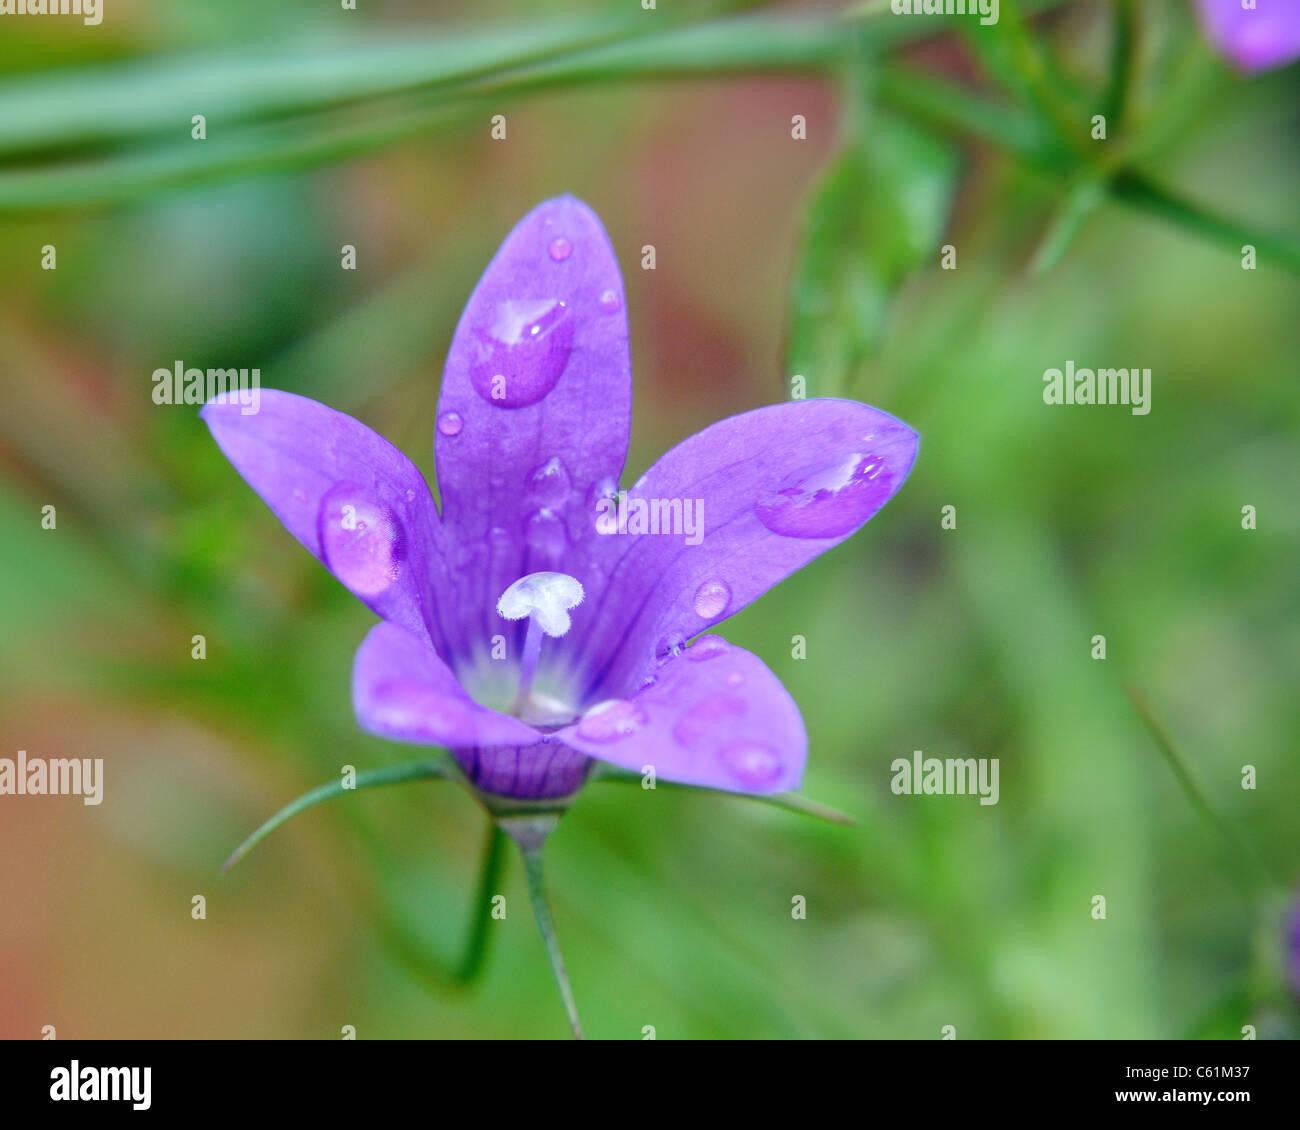 Gros plan de la tête de fleur violet vert accueil carte sympathie été macro close up Photo Stock